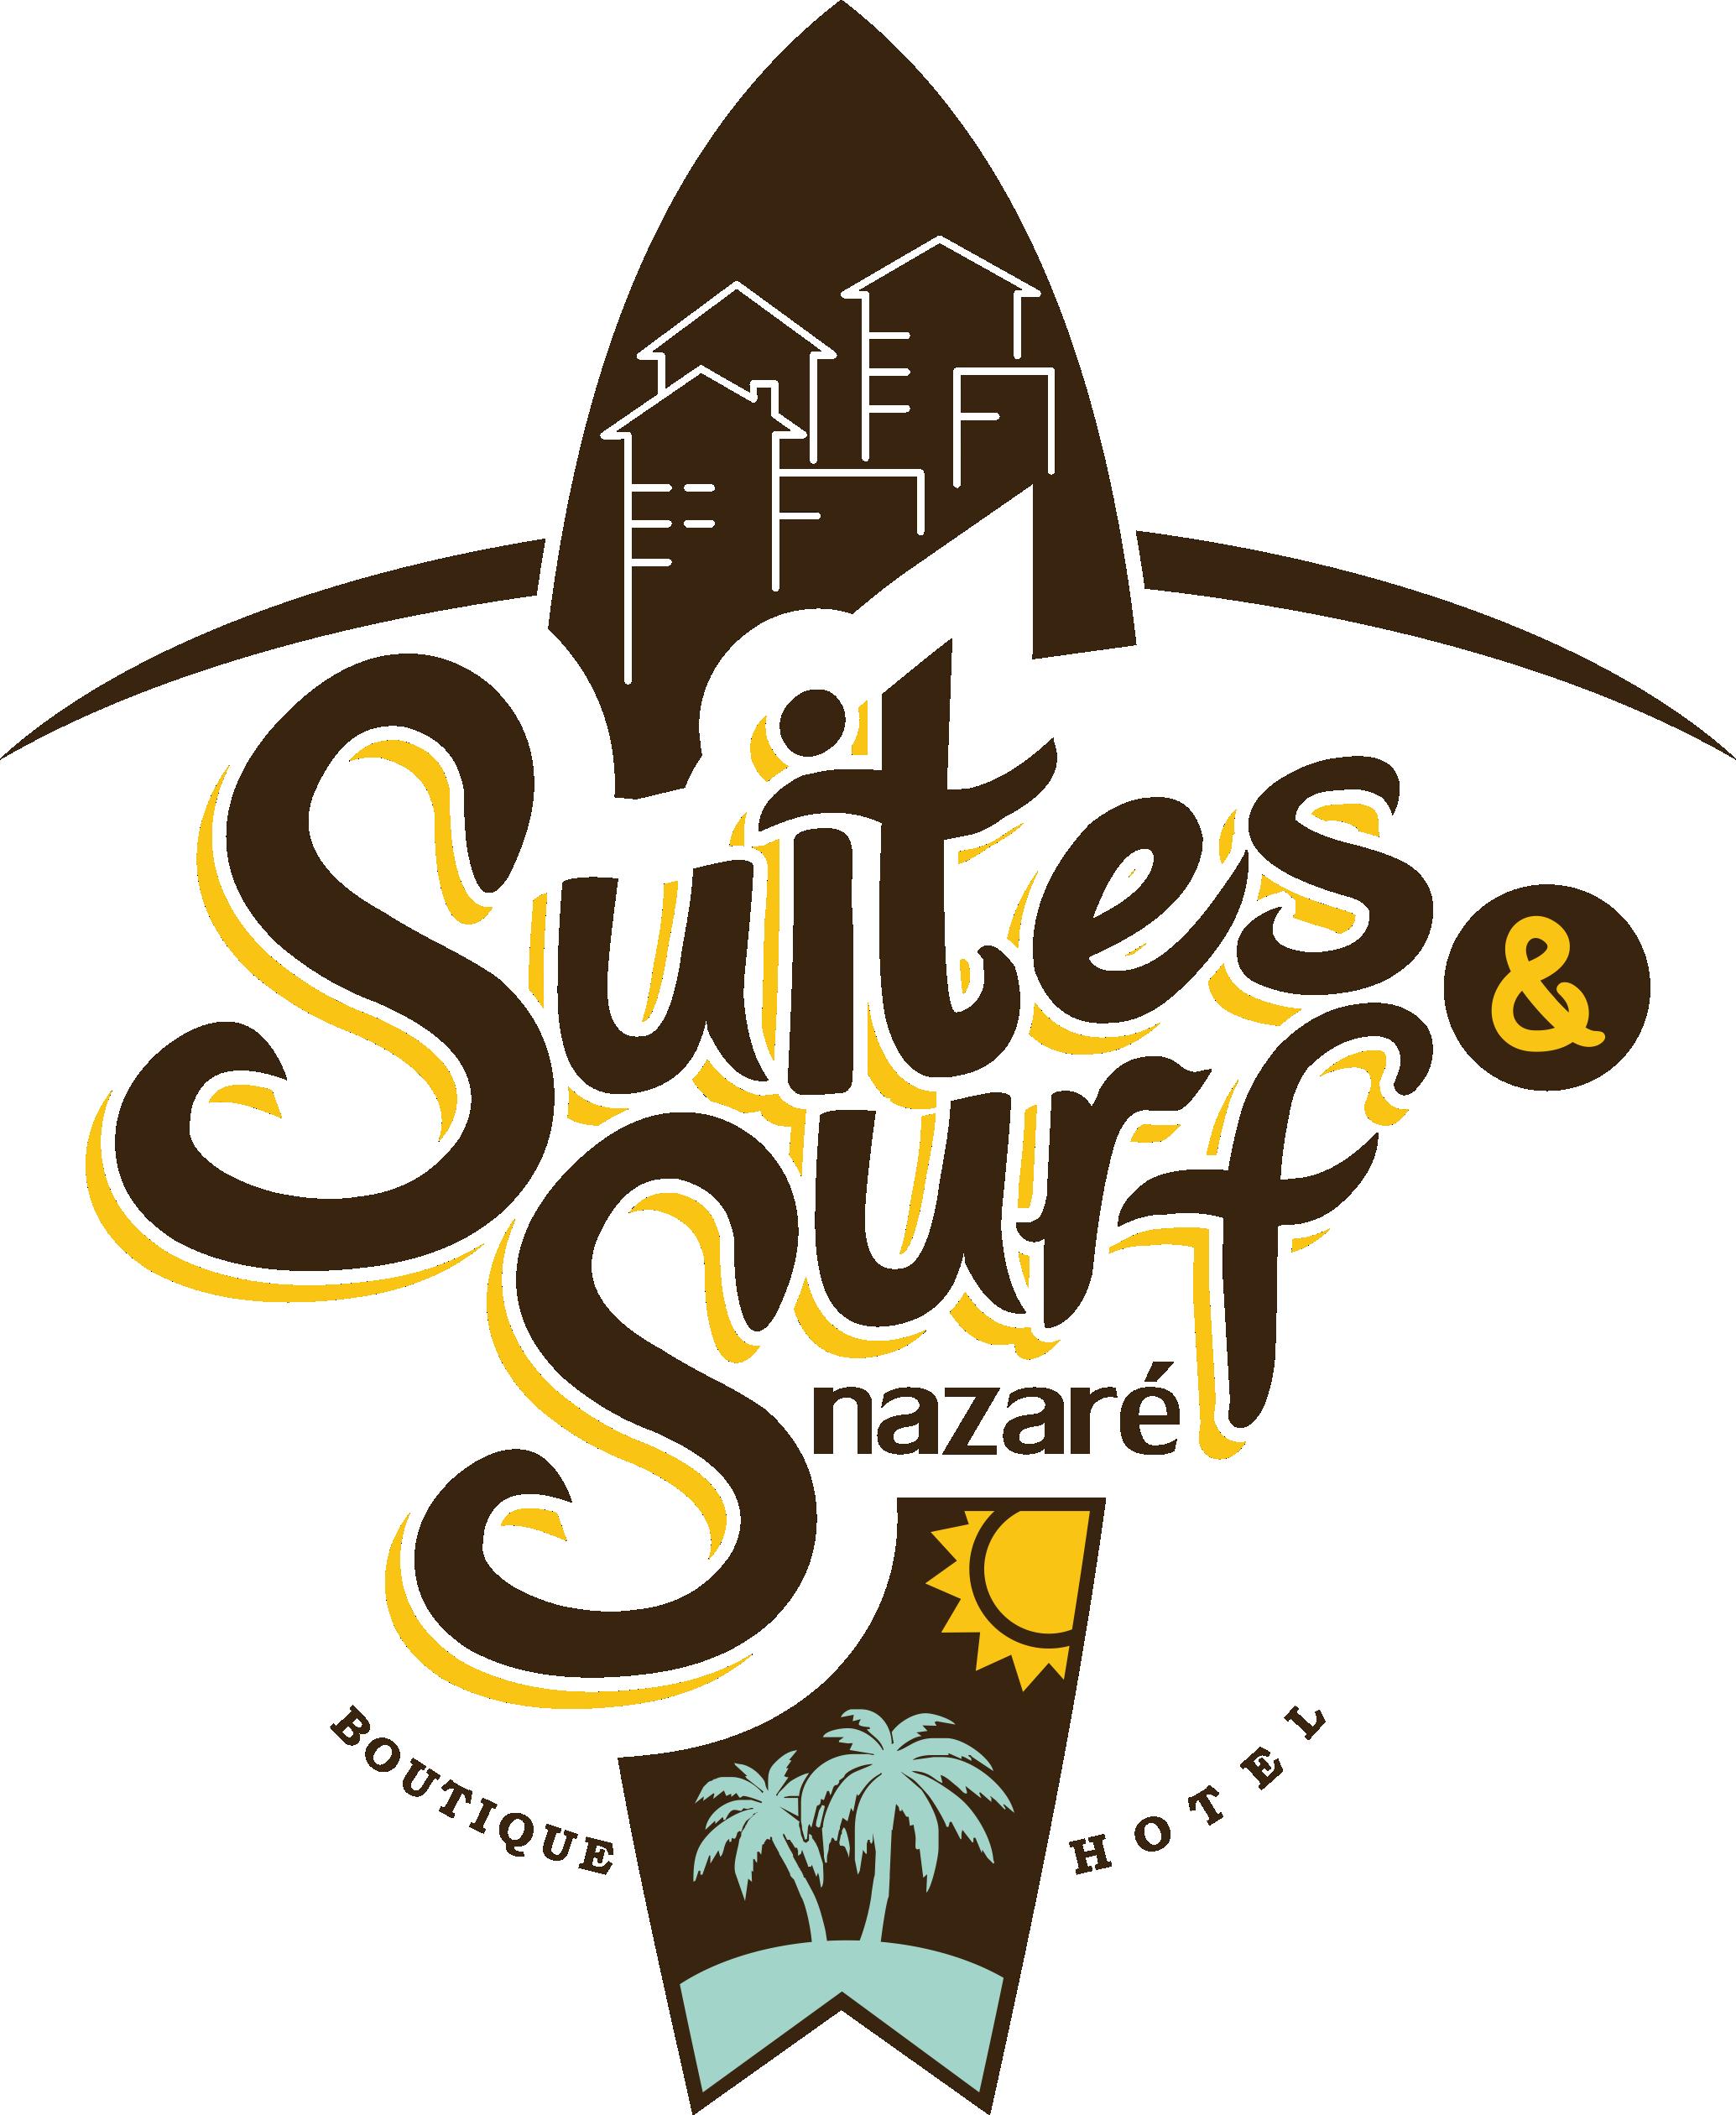 Suites & Surf nazaré